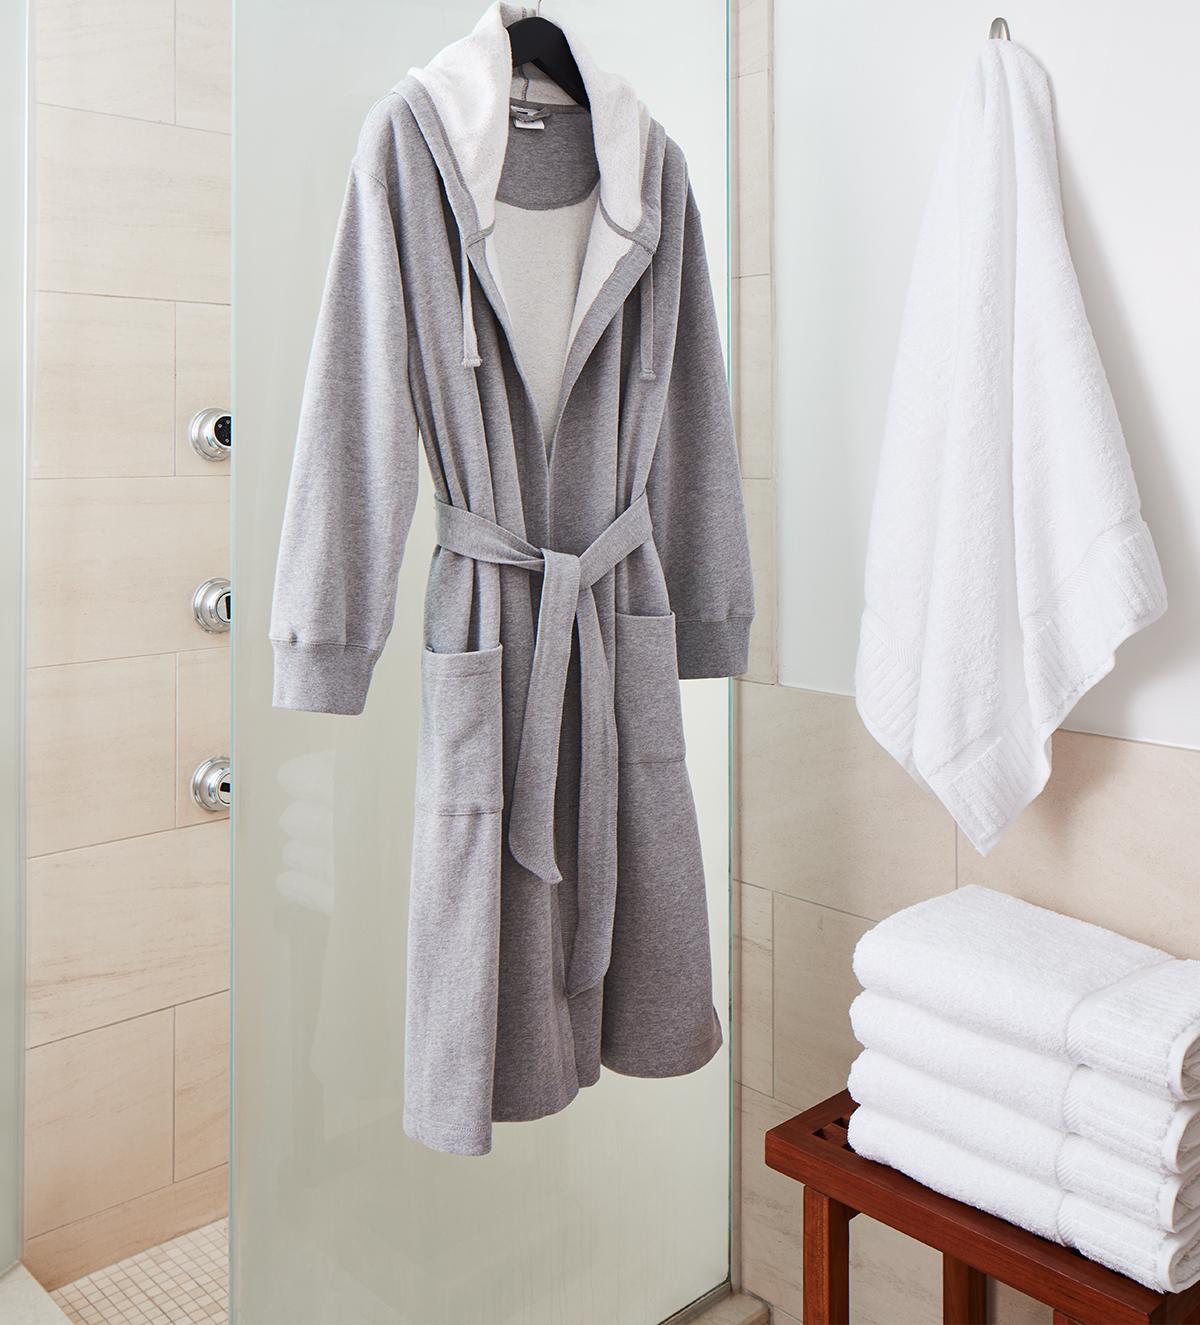 Robe: Kimpton Style